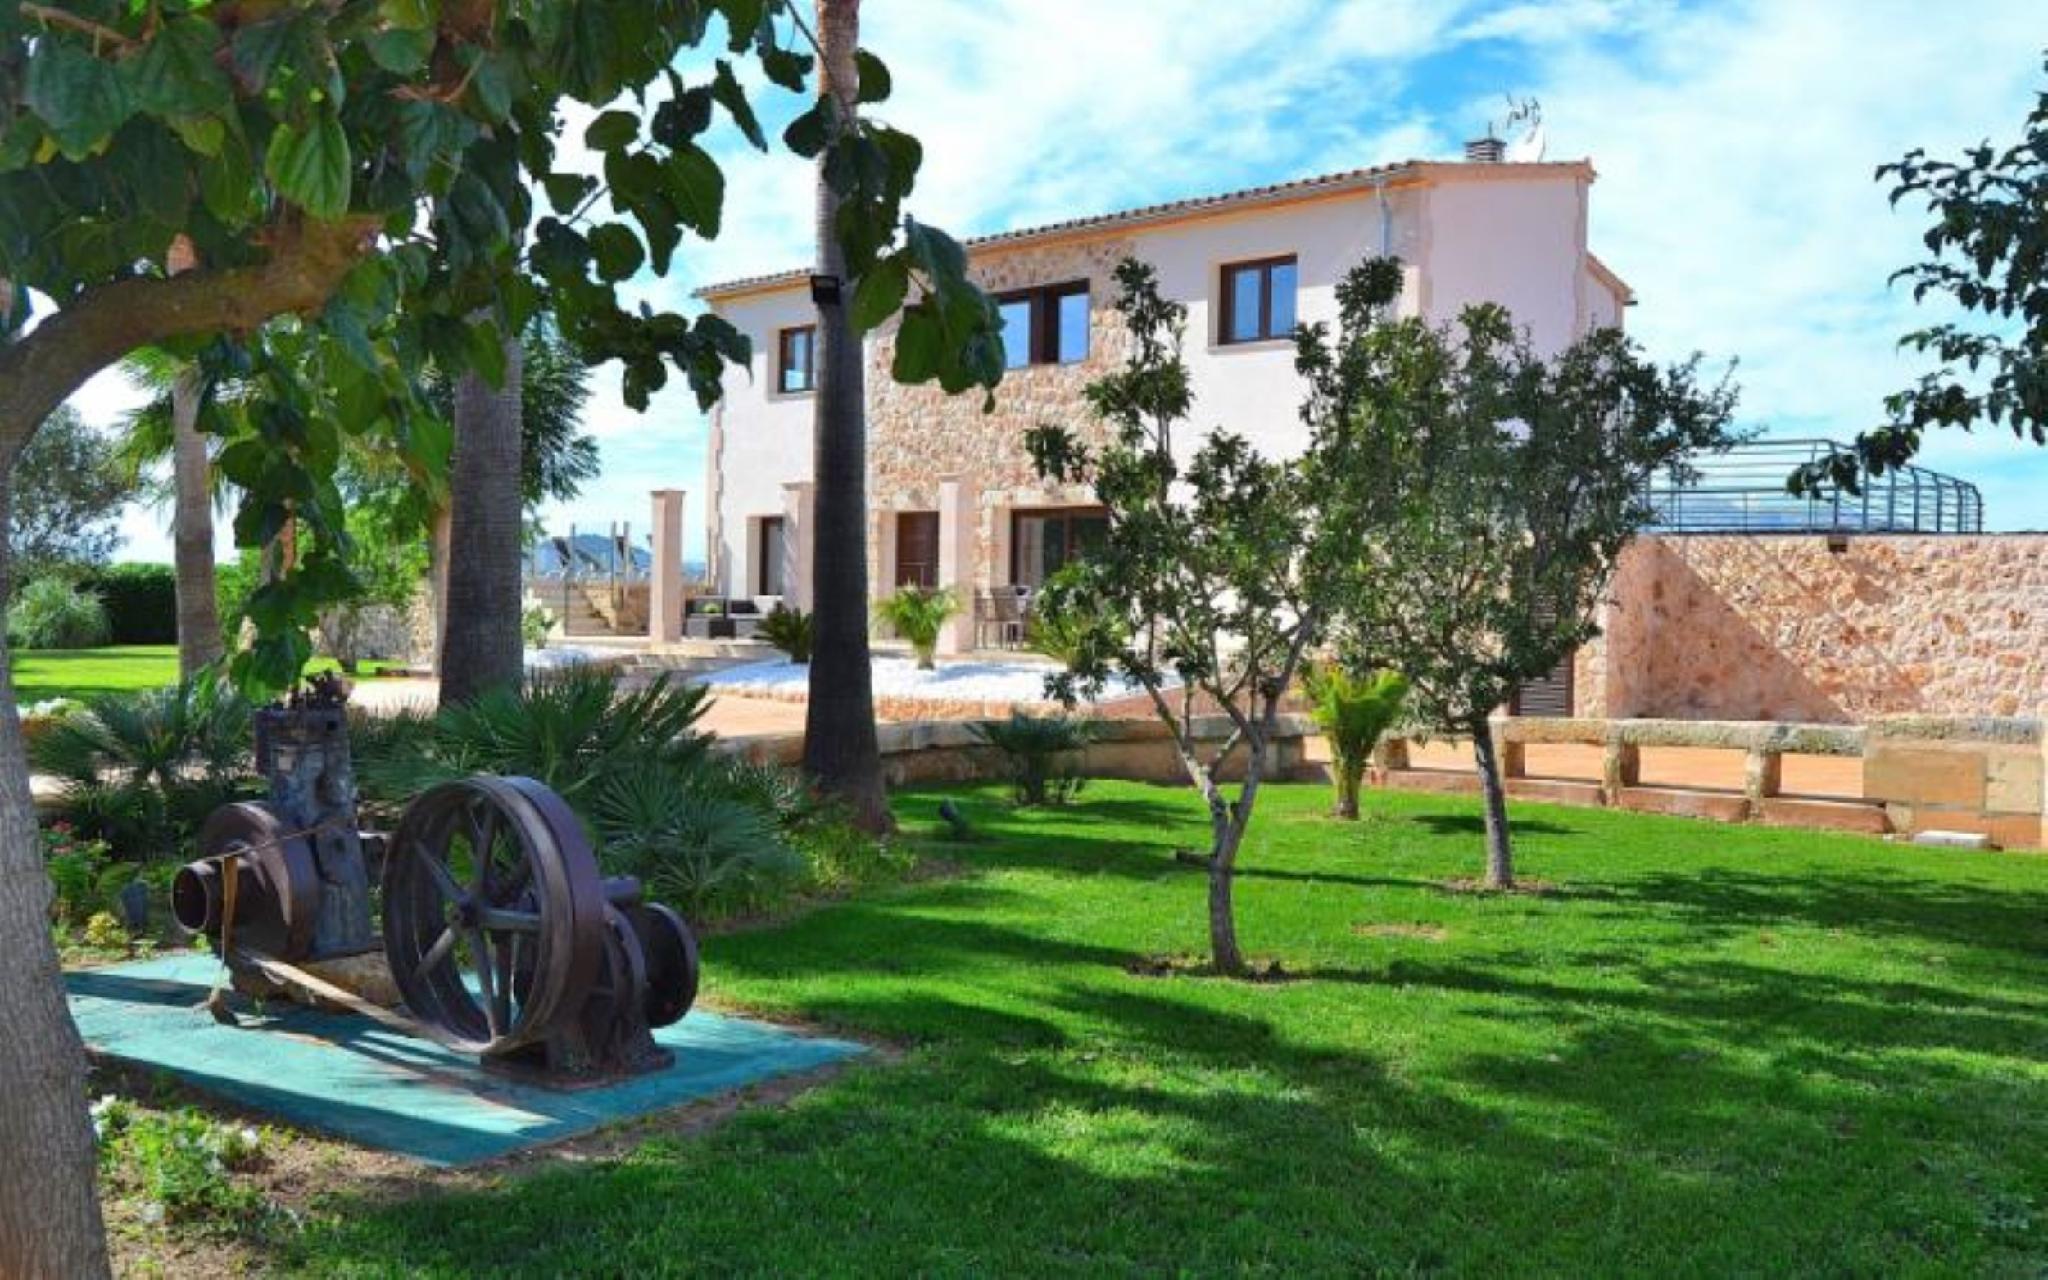 102658 -  Villa in Muro